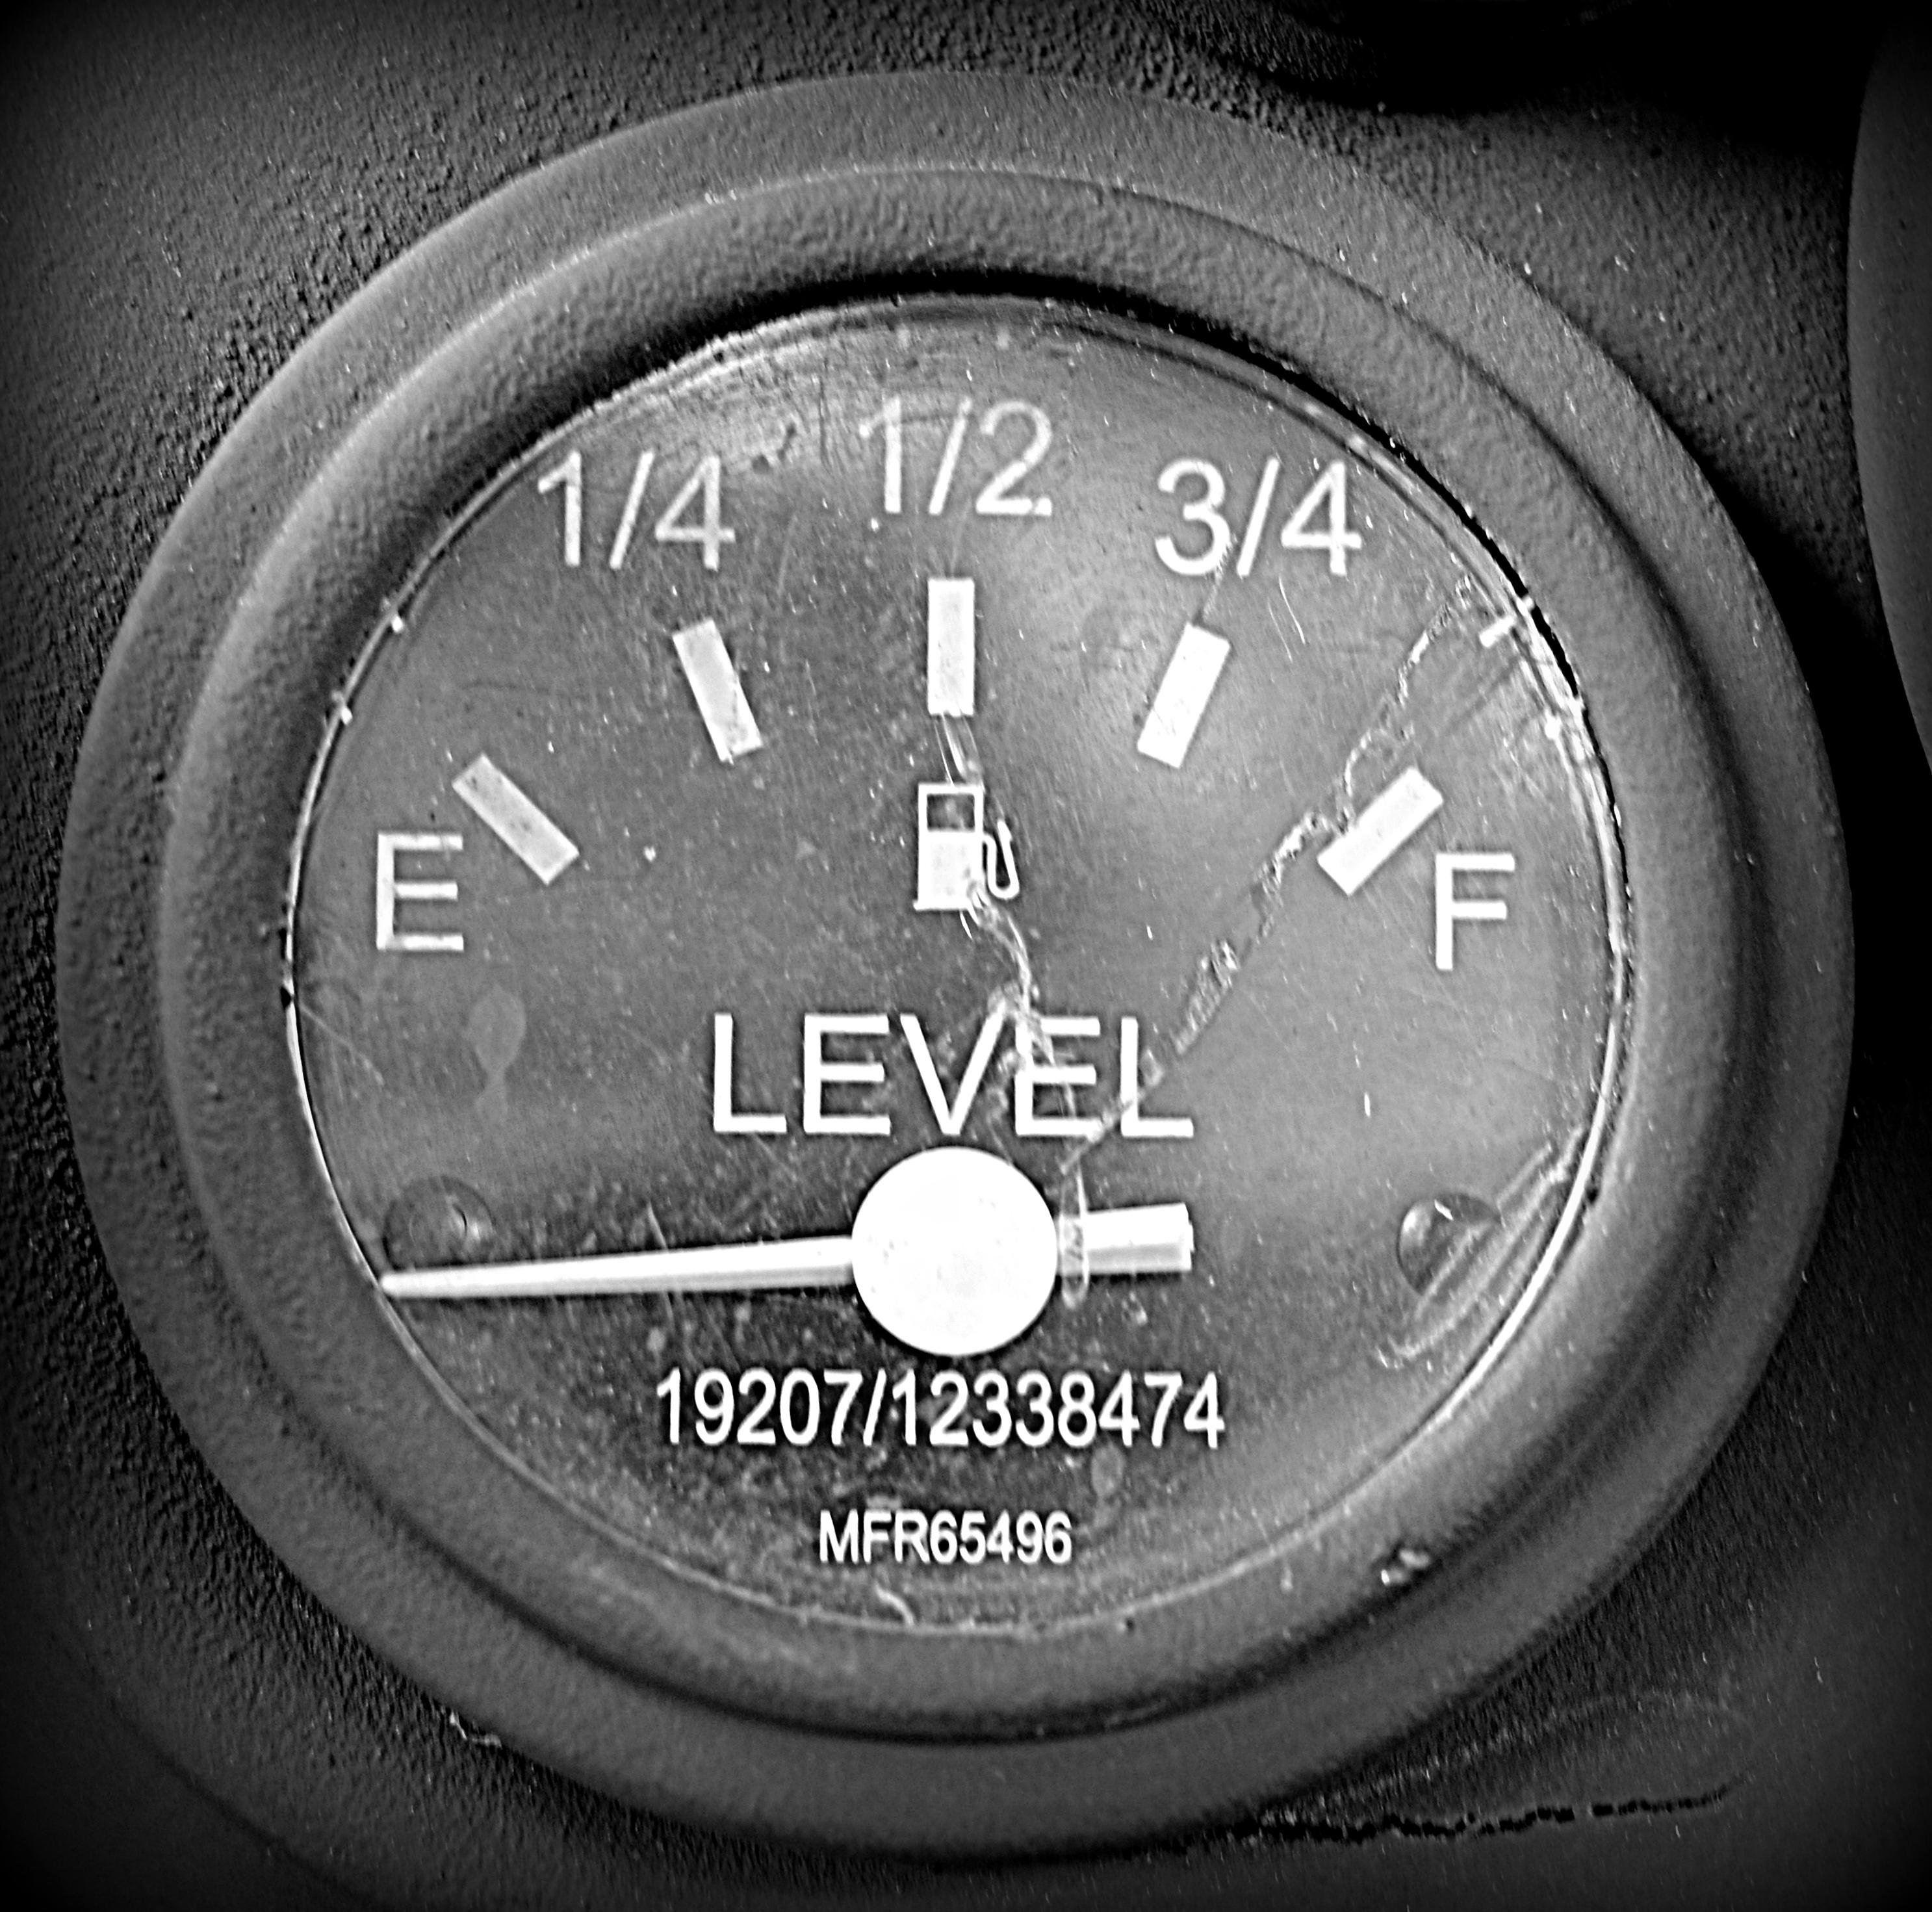 Hummer fuel